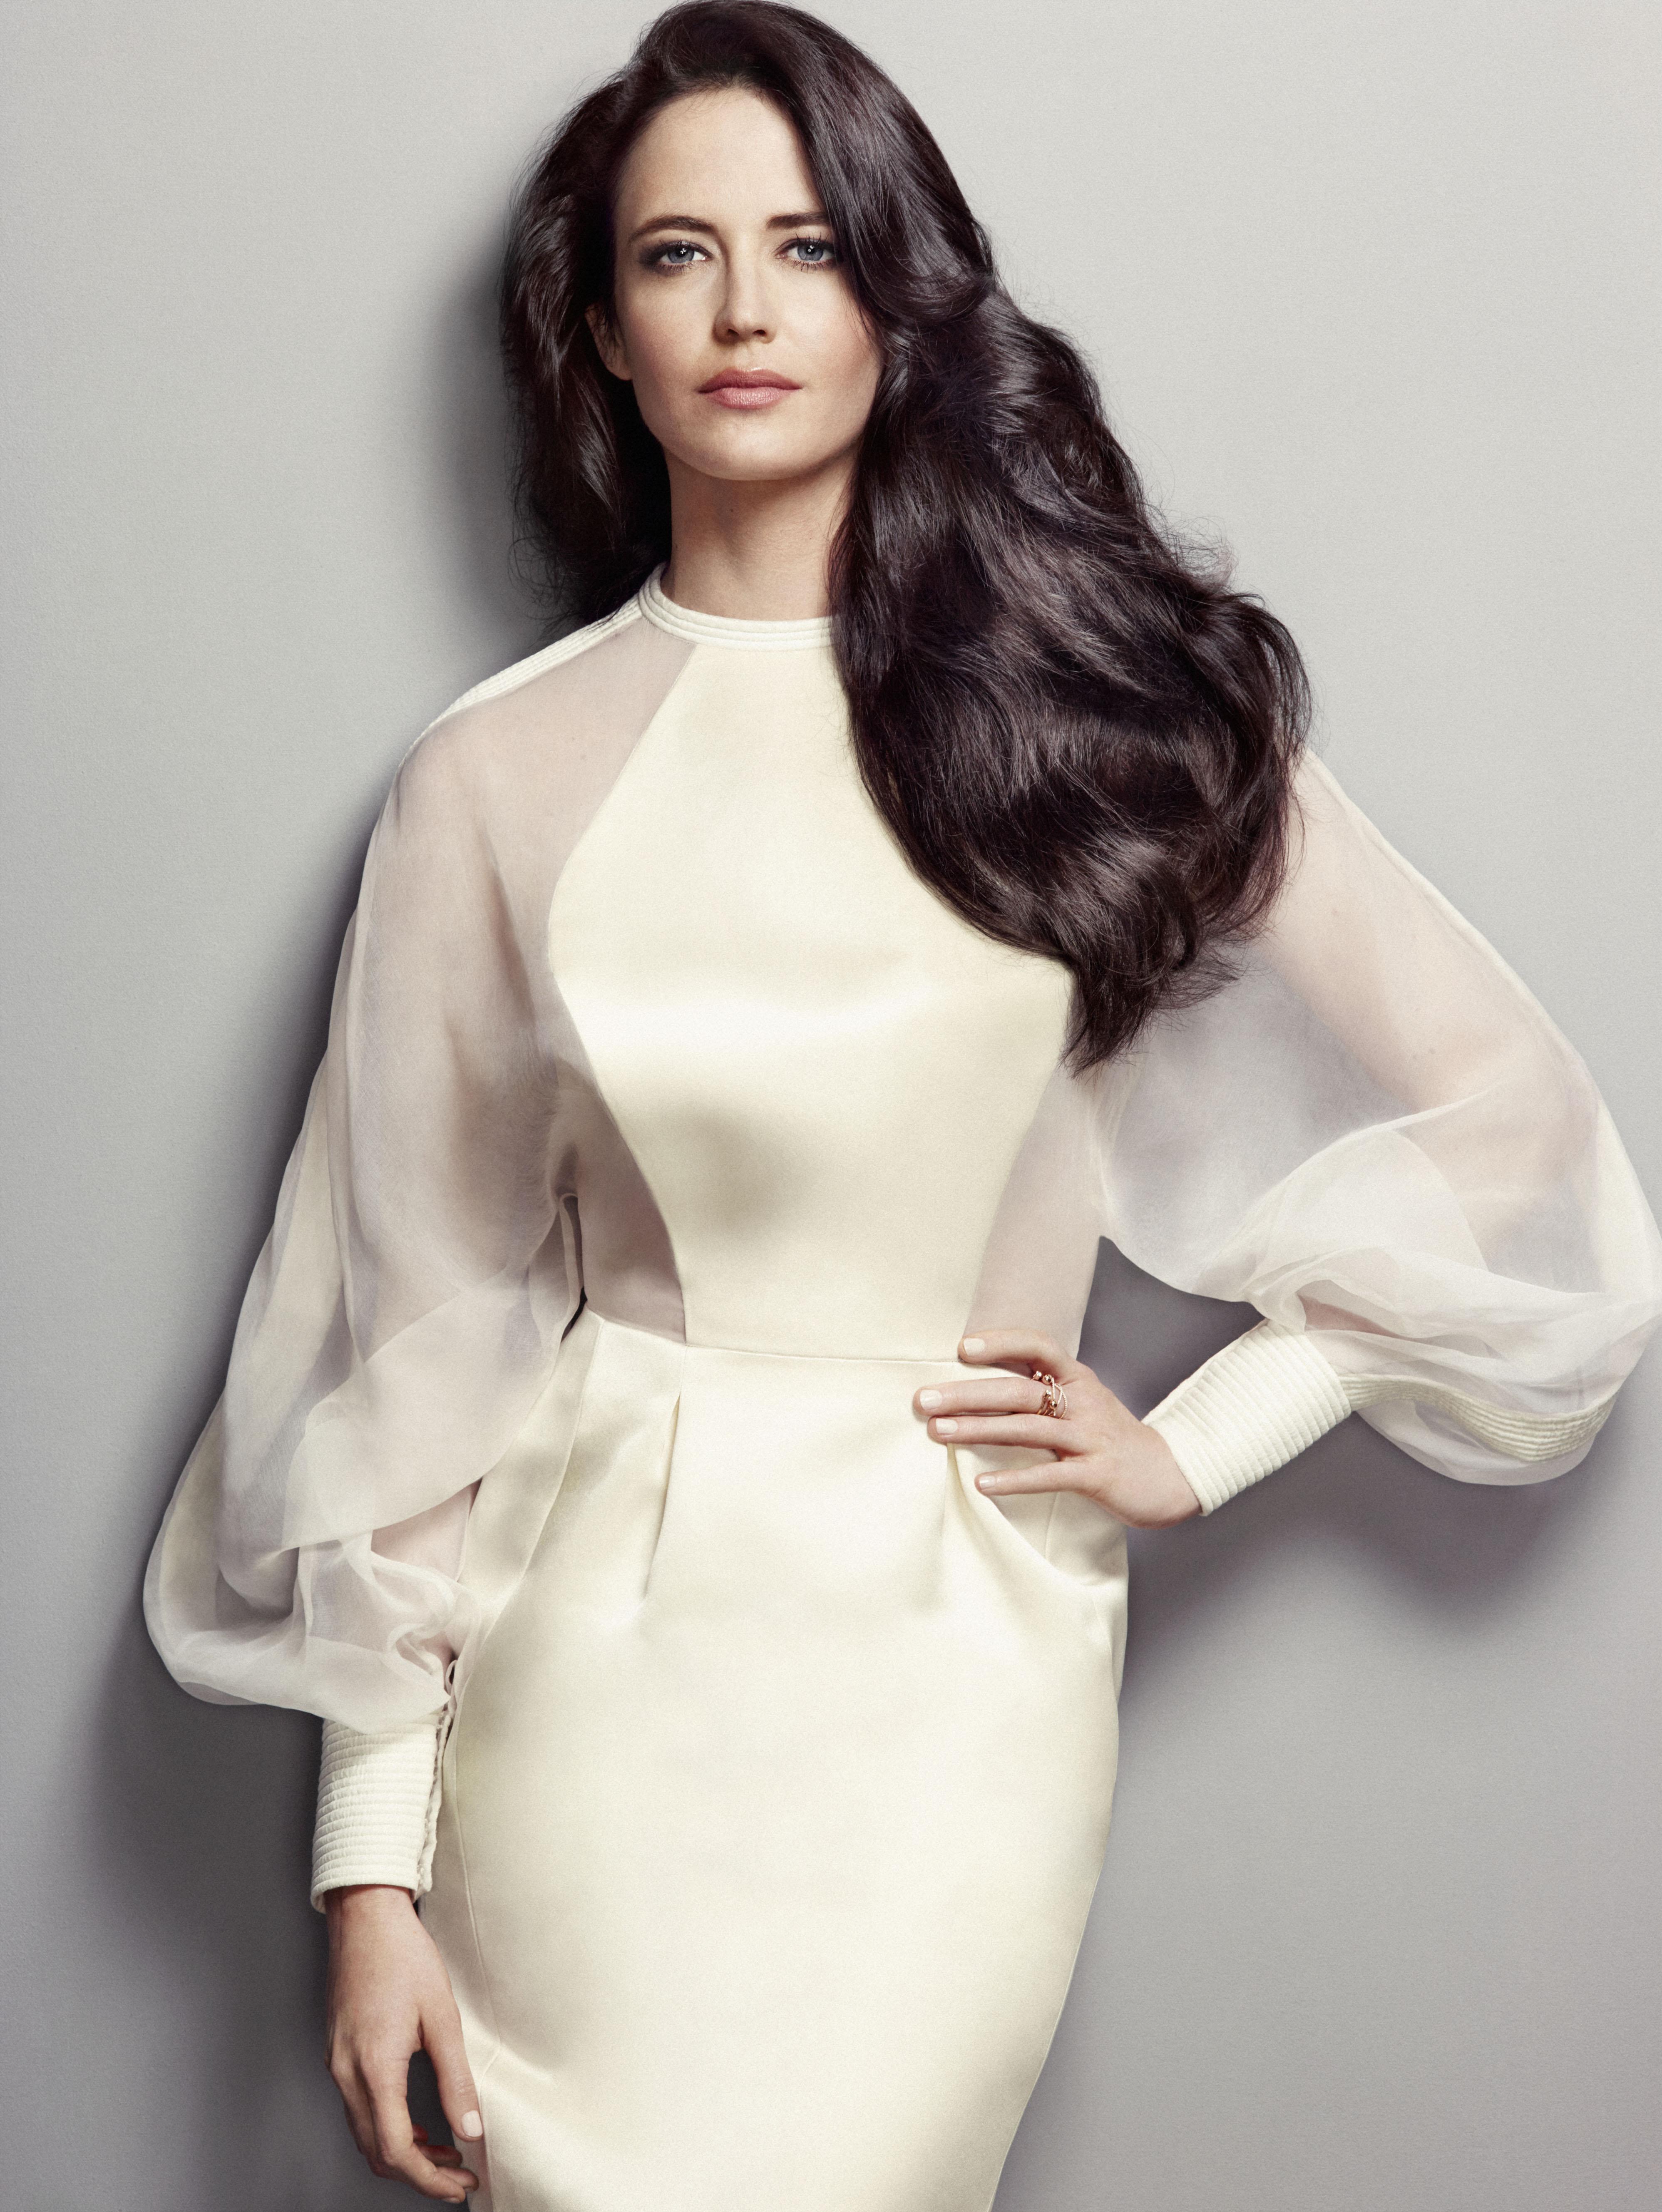 Eva Green, la nuova musa di L'Oréal Professionel - Bella ... Eva Green